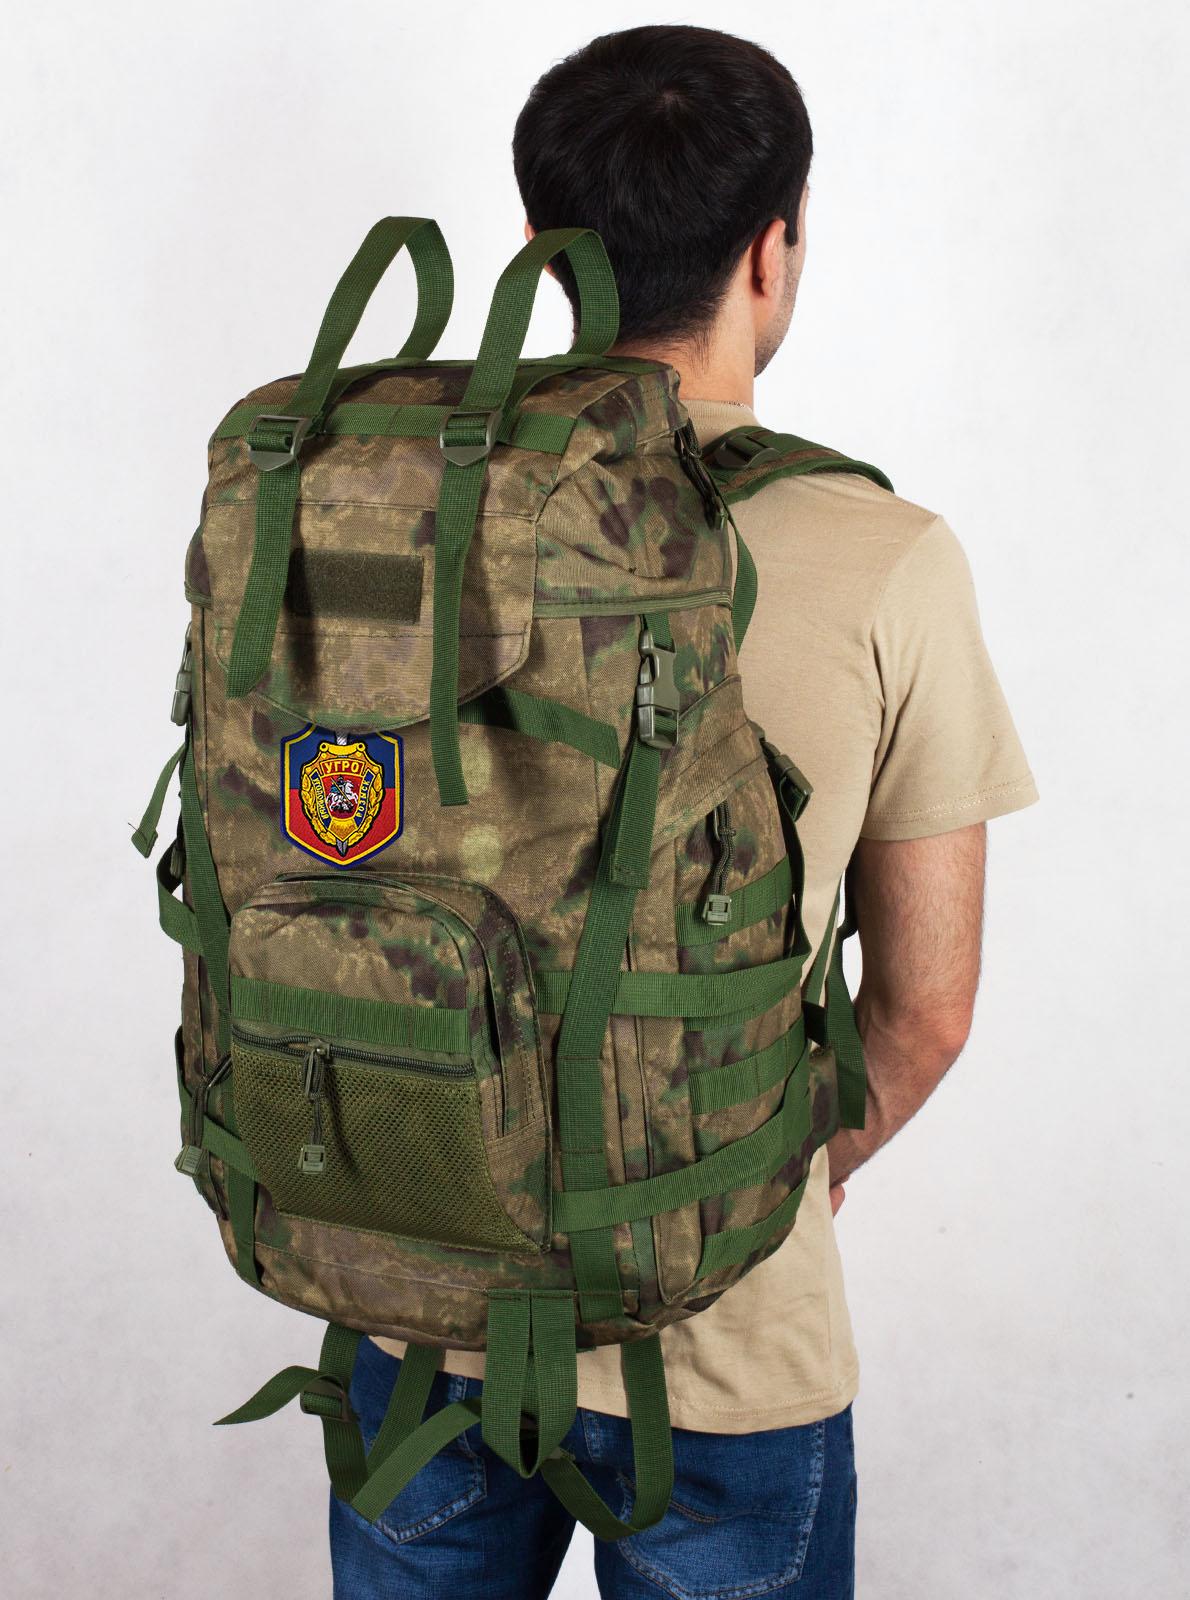 Армейский тактический рюкзак MultiCam A-TACS FG УГРО - купить в розницу